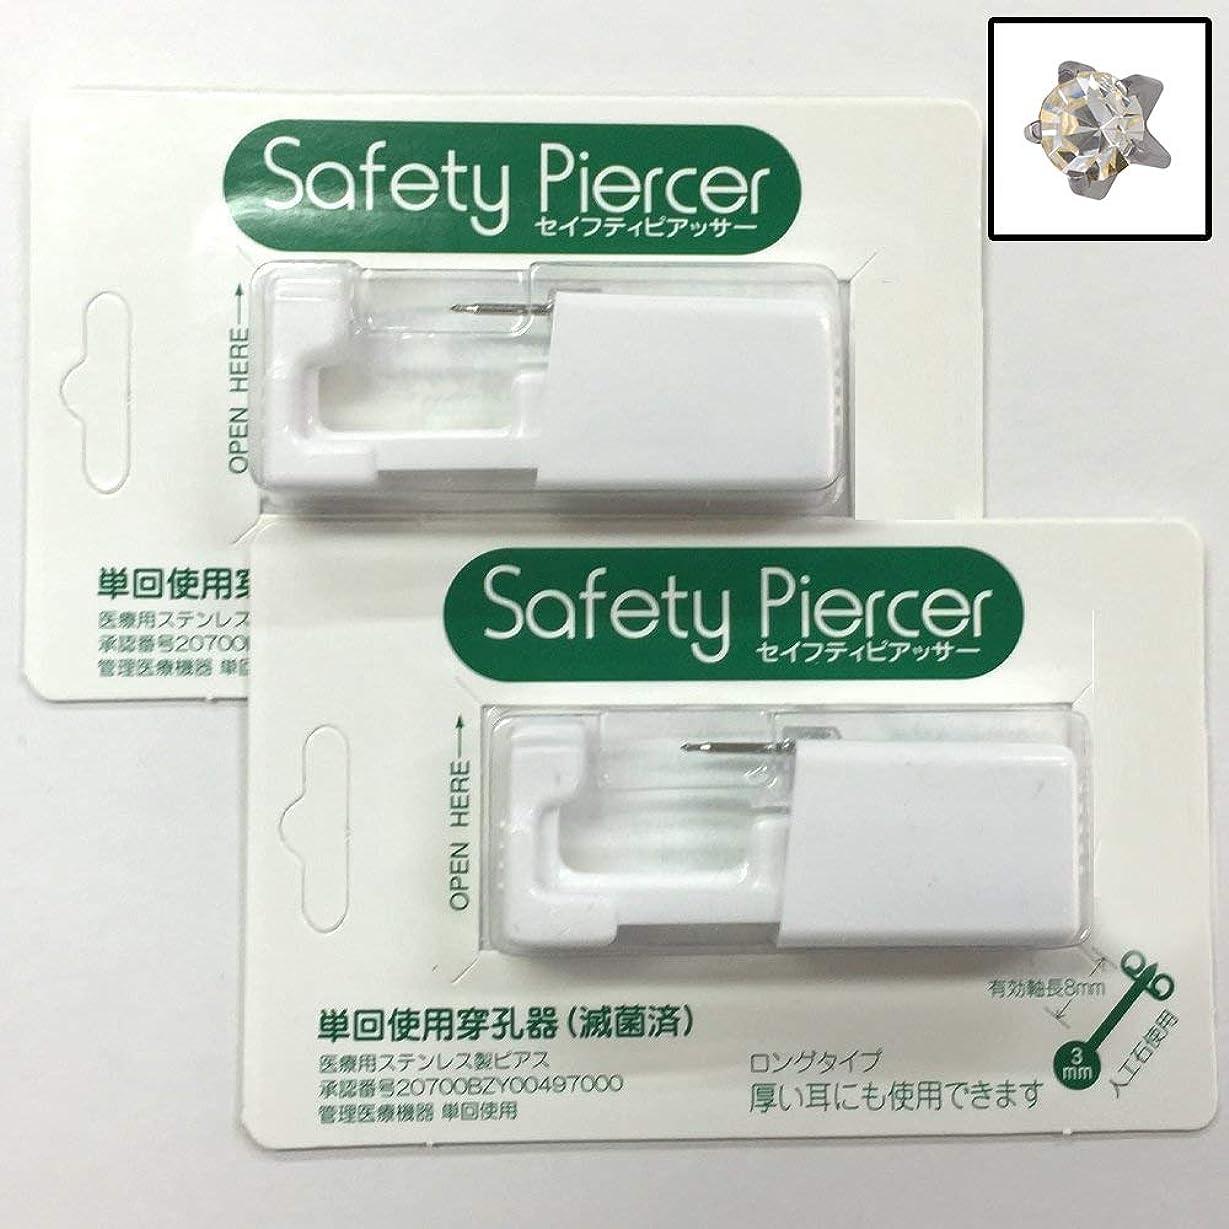 郵便局自動車セラーセイフティピアッサー シルバー (医療用ステンレス) 3mm ダイヤ色 5M104WL(2個セット)